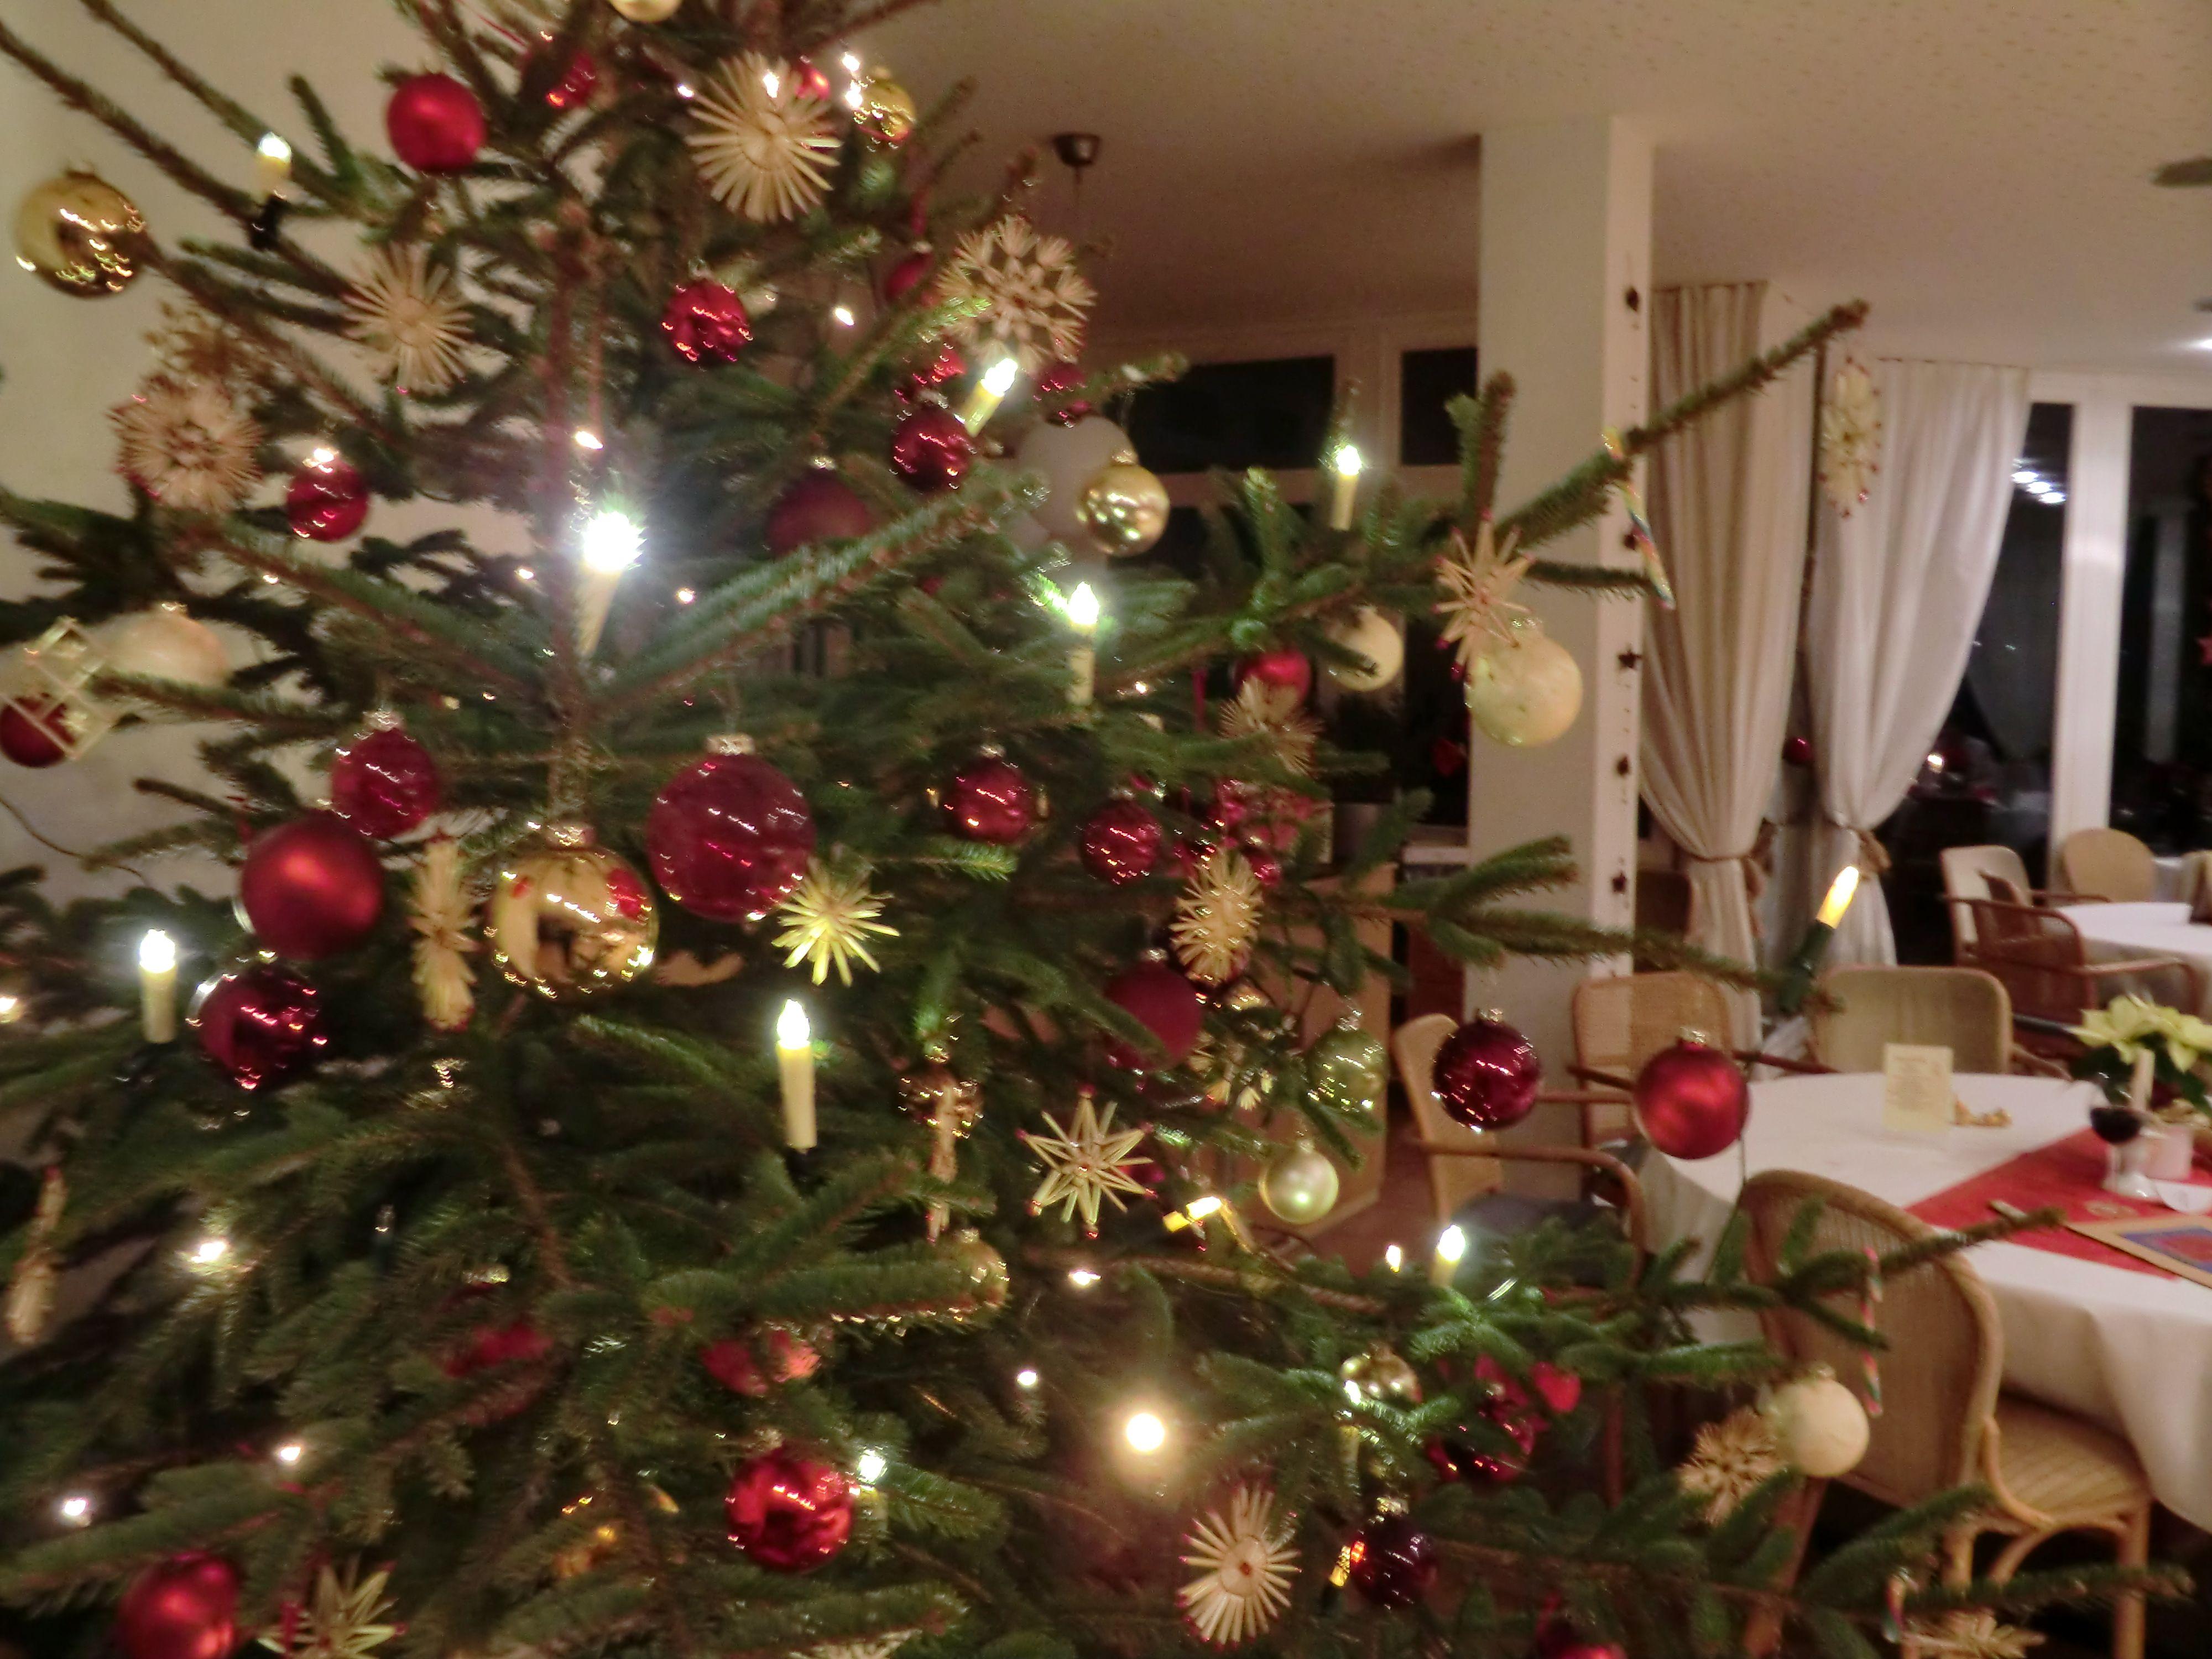 Weihnachtsfeiern, Weihnachtsessen im SONNENHOF***, Hotel-Restaurant. Buchen Sie auch Ihren Tisch für die Weihnachts-Festtage! info@hotelsonnenhof.com www.HotelSonnenhof.com LÜGDE